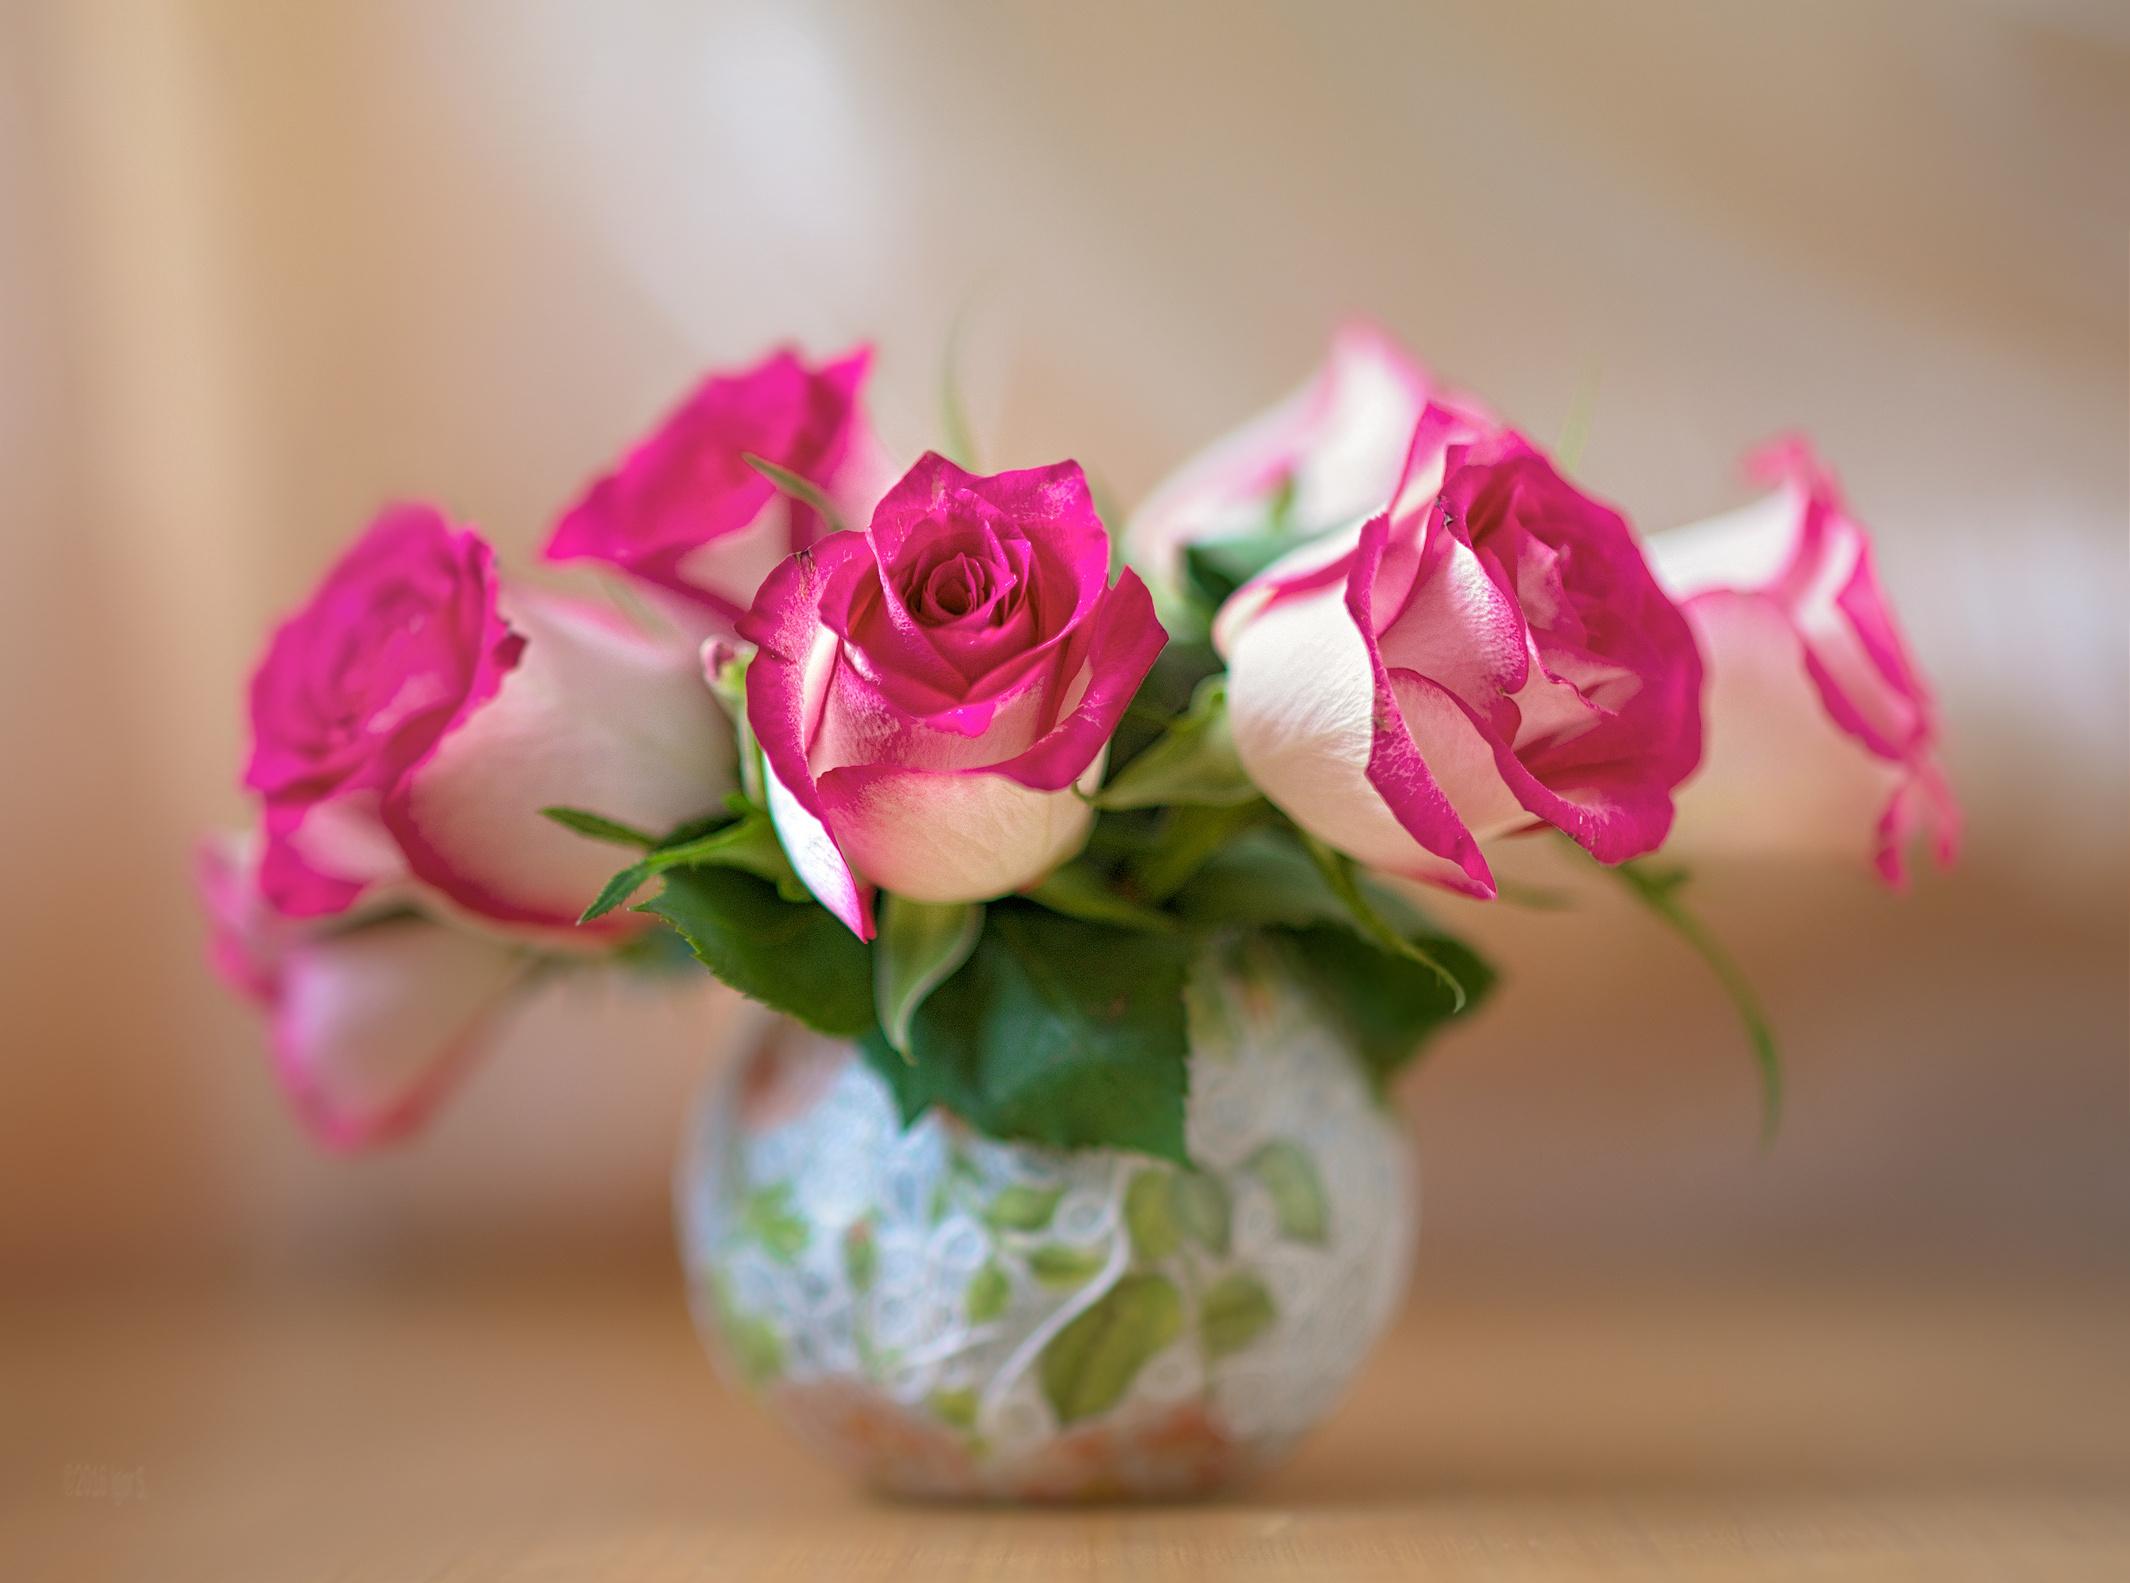 букет цветов в картинках роз на рабочем столе все пускай